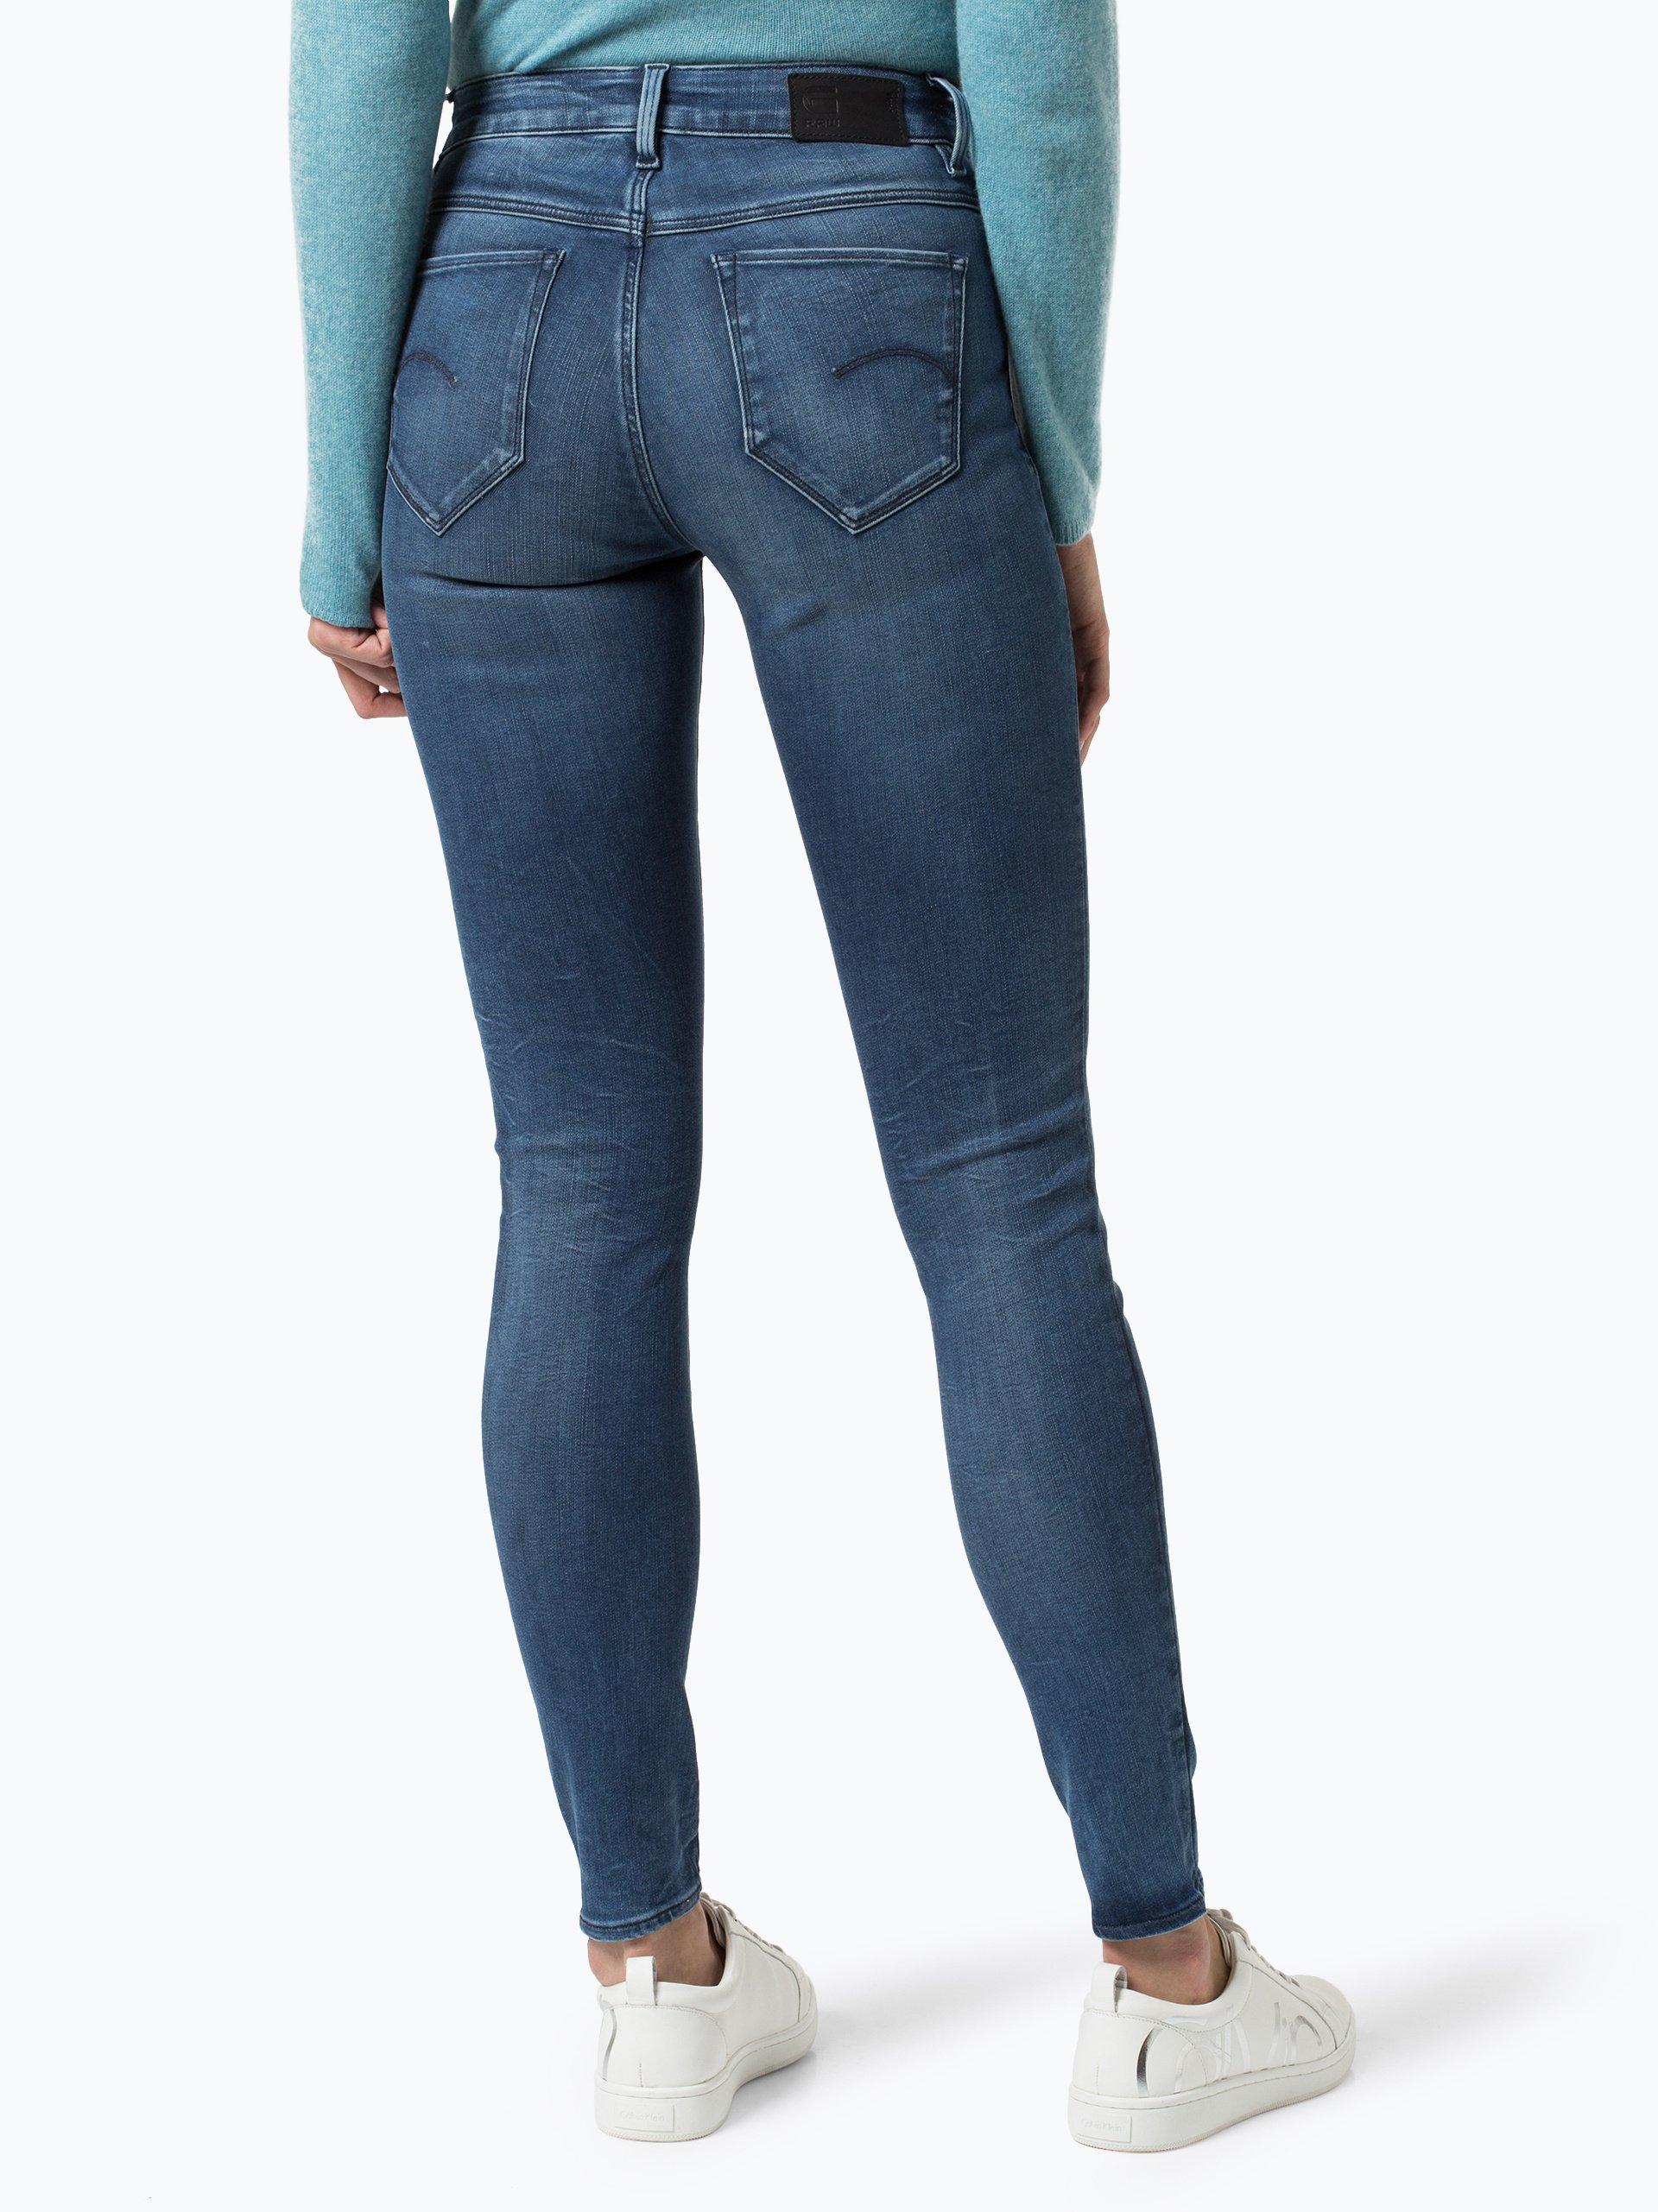 g star damen jeans denim uni online kaufen vangraaf com. Black Bedroom Furniture Sets. Home Design Ideas